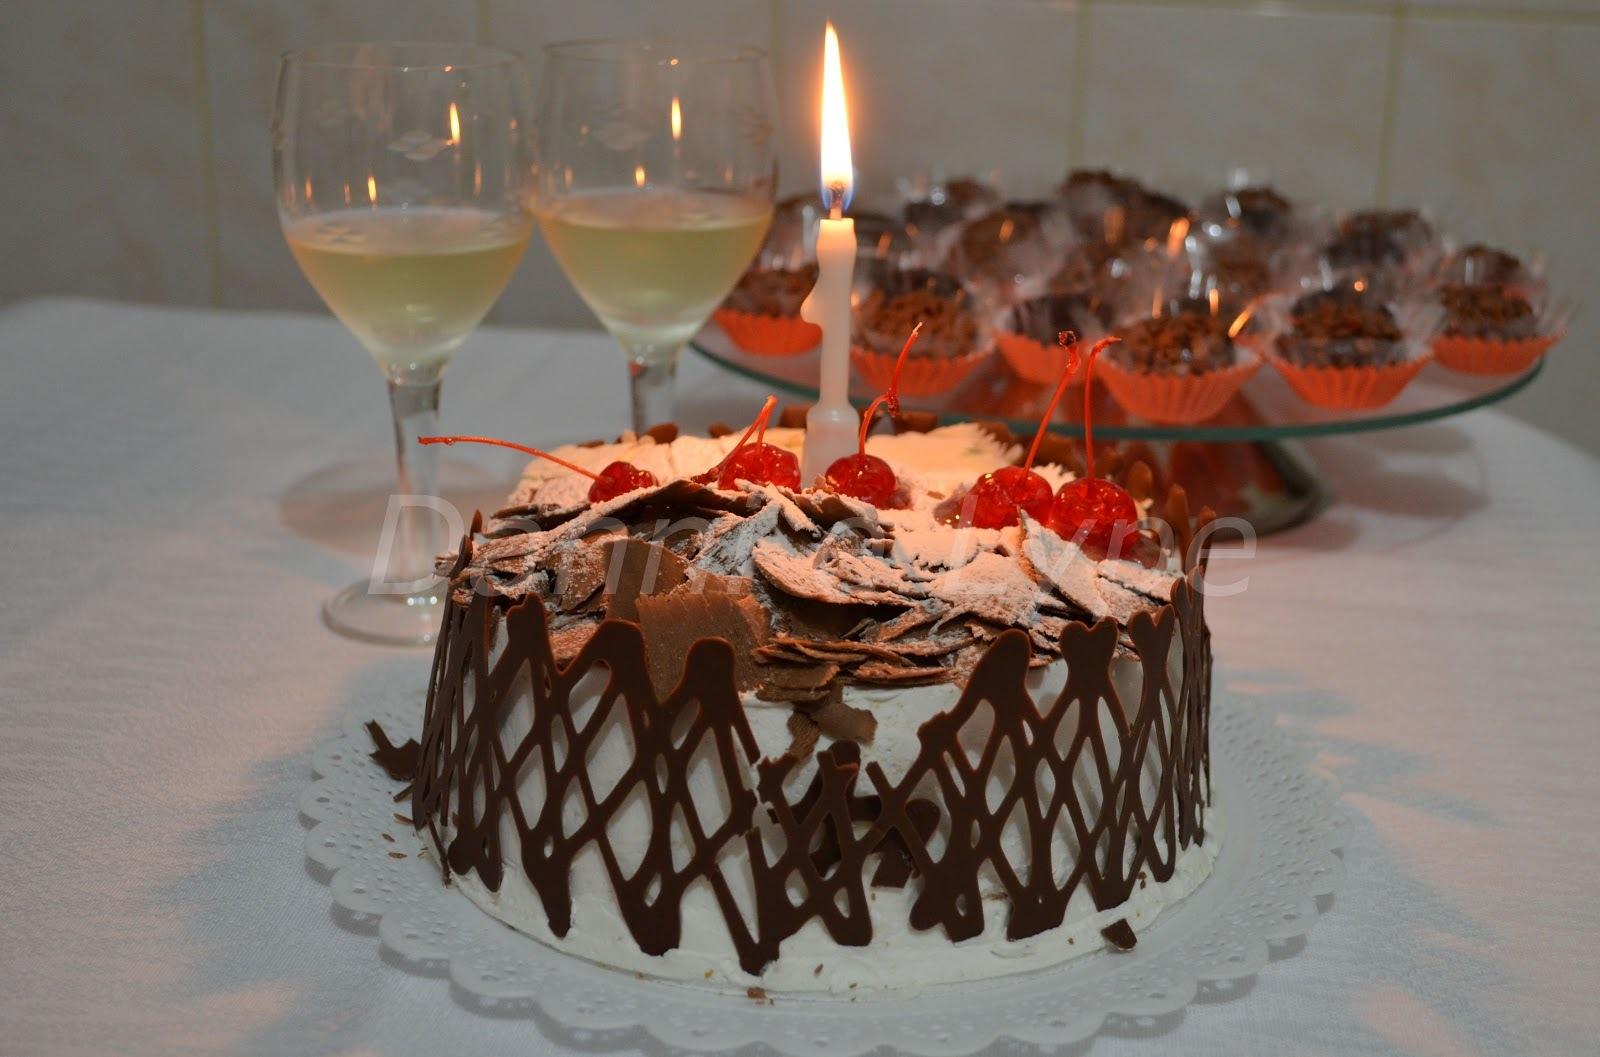 de bolo facil e simples de fazer para comemorar aniversario em casa